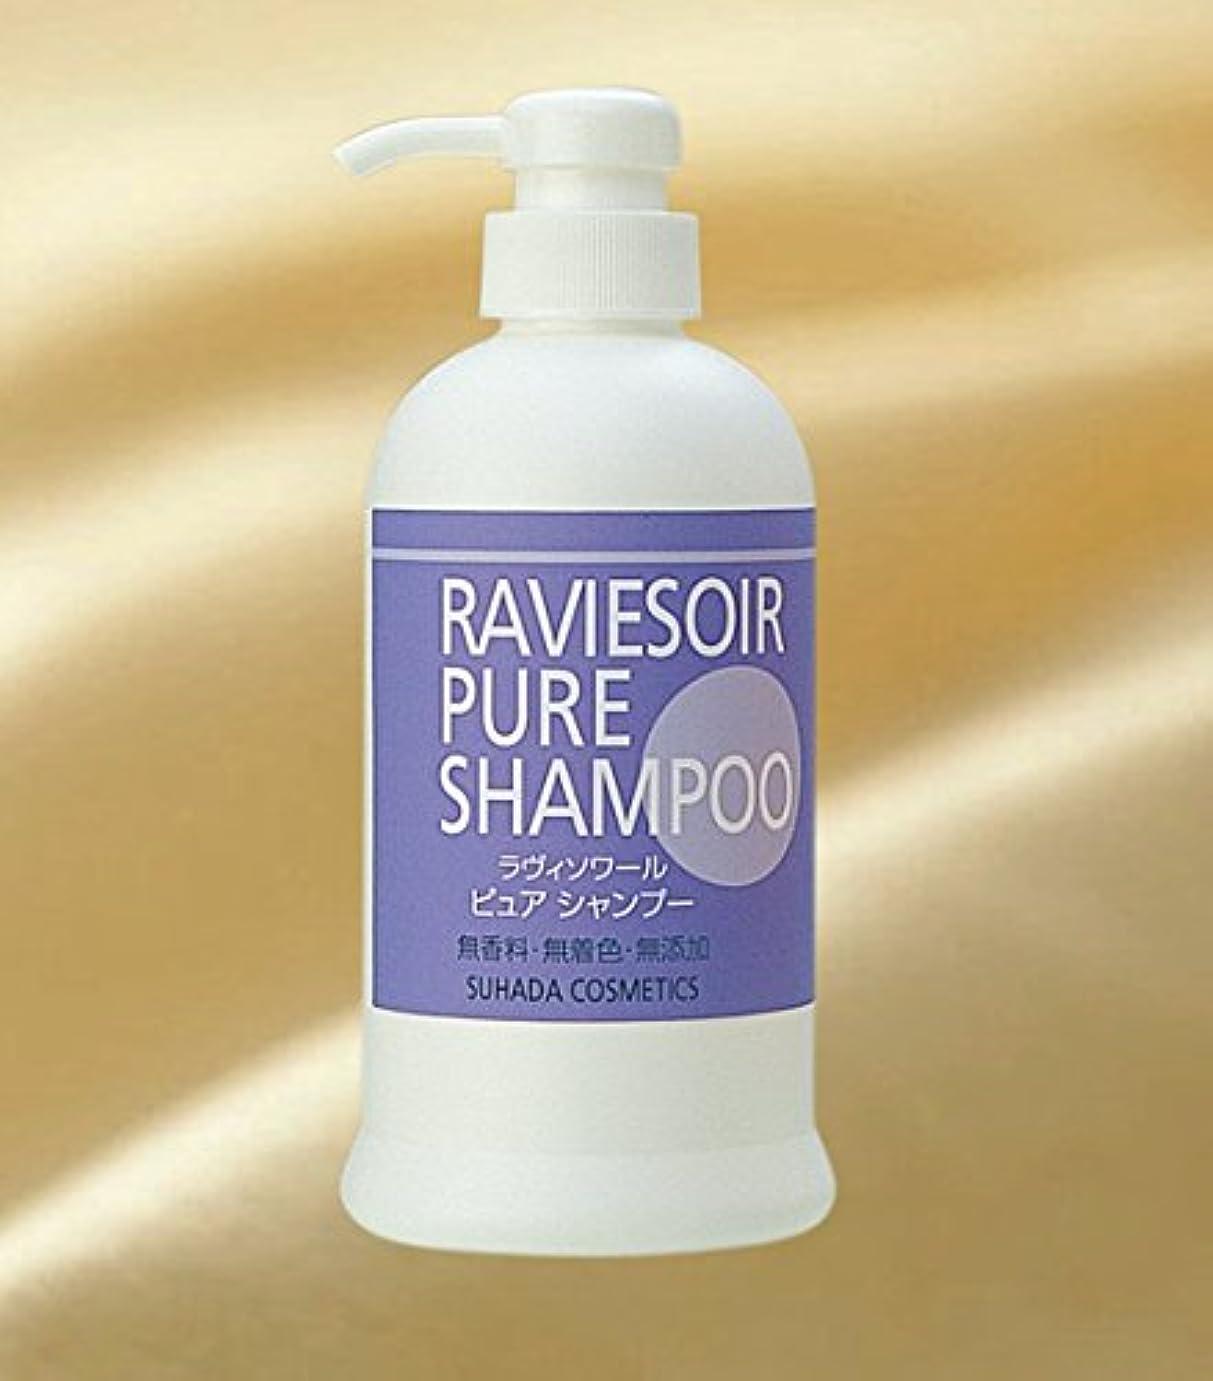 ラフ睡眠ブレンドヘクタールラヴィソワール ナチュラルシャンプー(500ml) Raviesoir Natural Shampoo